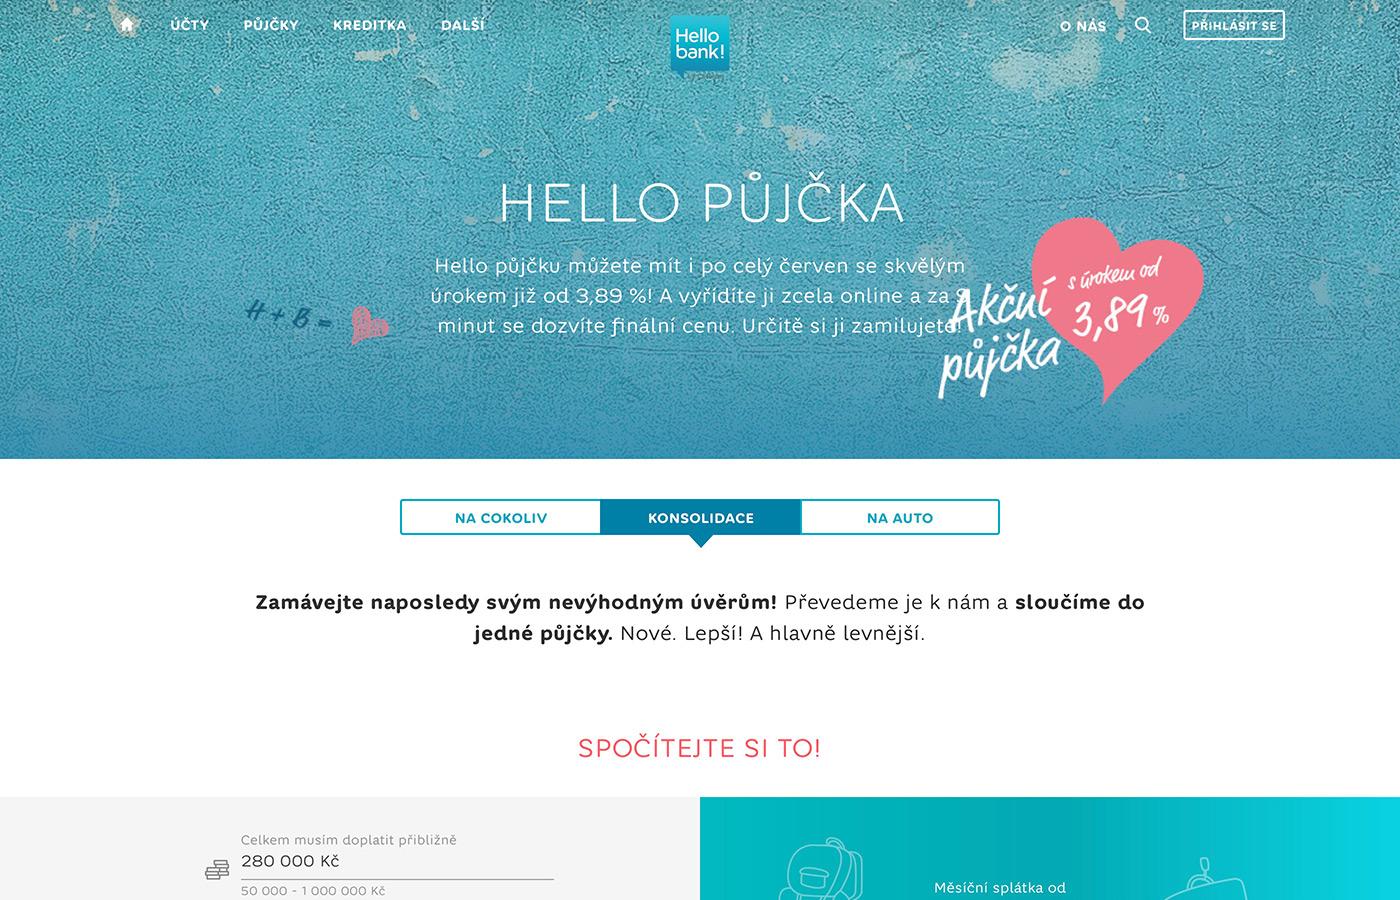 Náhled webových stránek www.hellobank.cz/pujcky/konsolidace